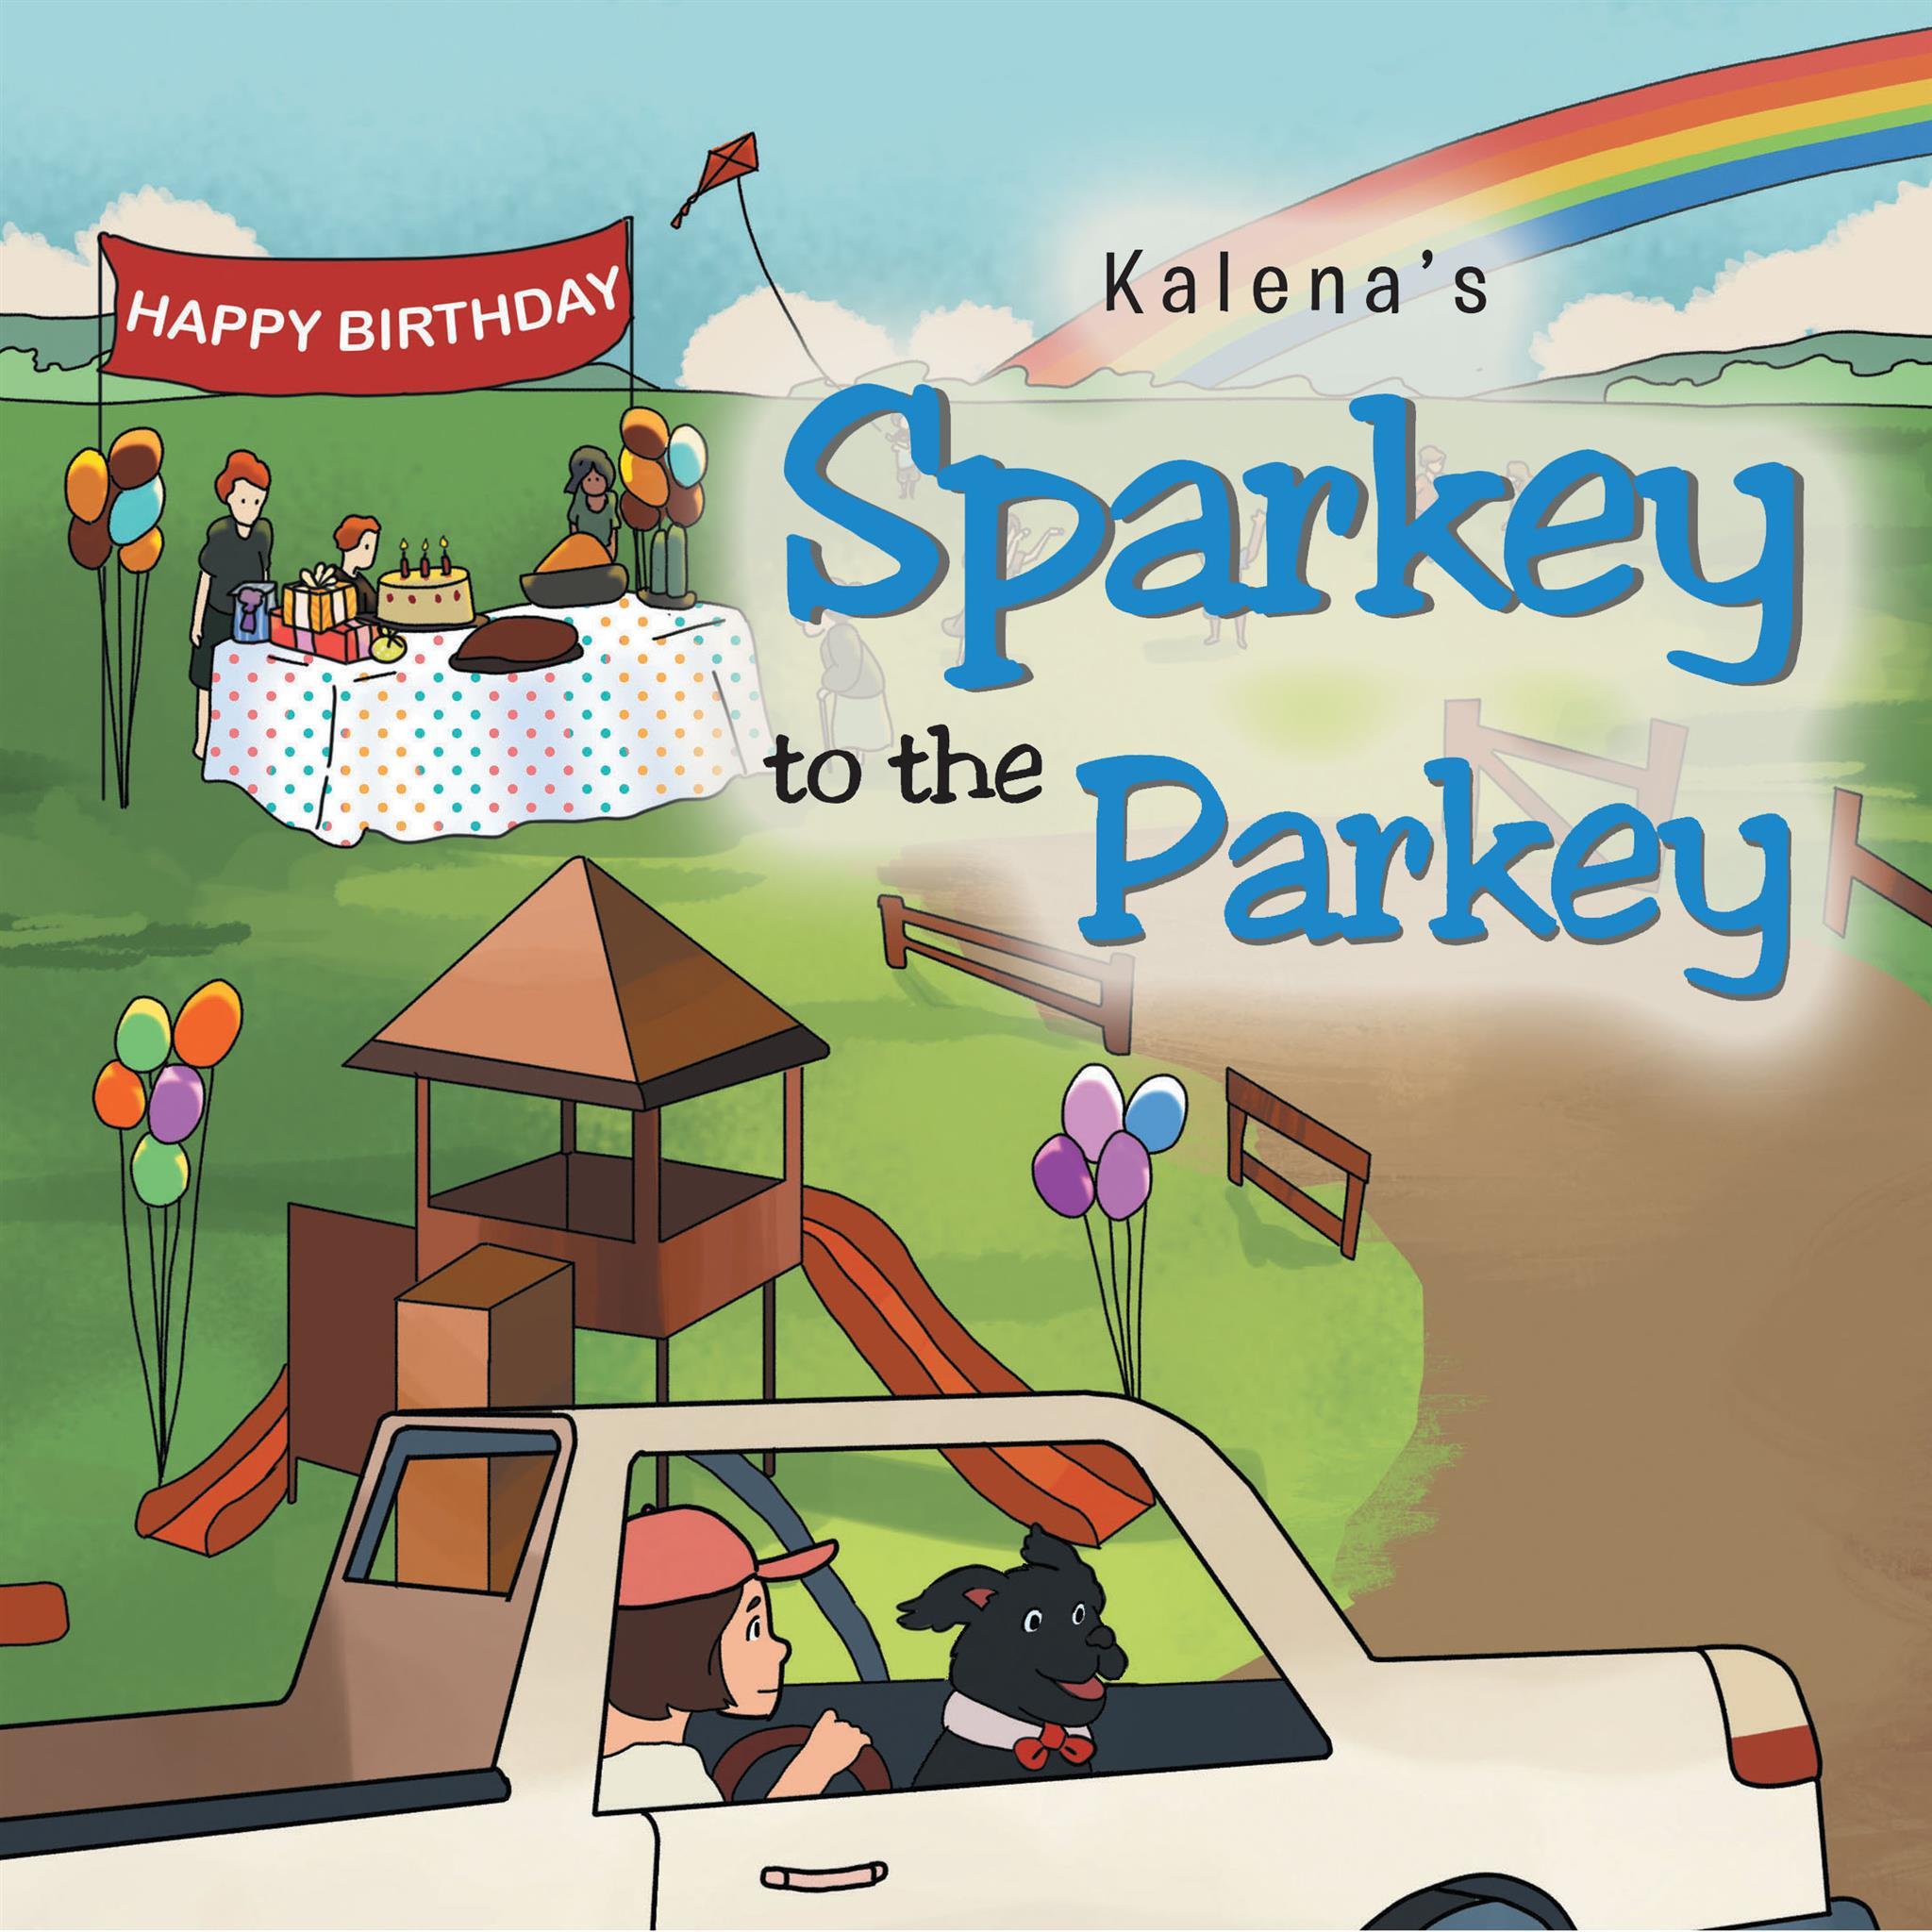 Sparkey to the Parkey